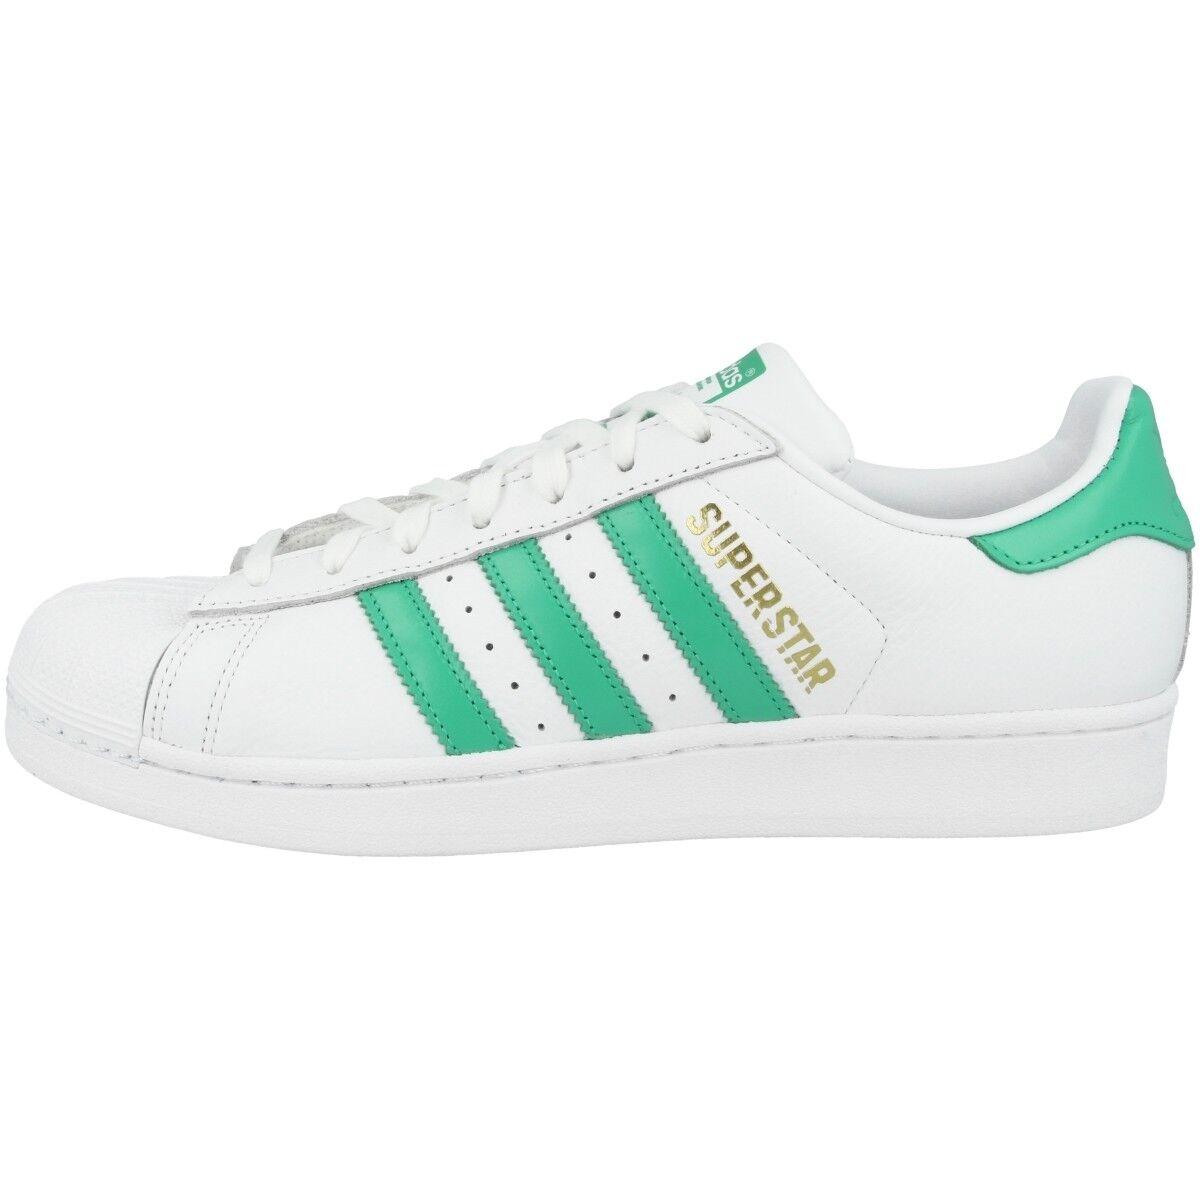 Adidas Superstar Schuhe Herren Retro Freizeit Turnschuhe Weiß Grün Gold B41995